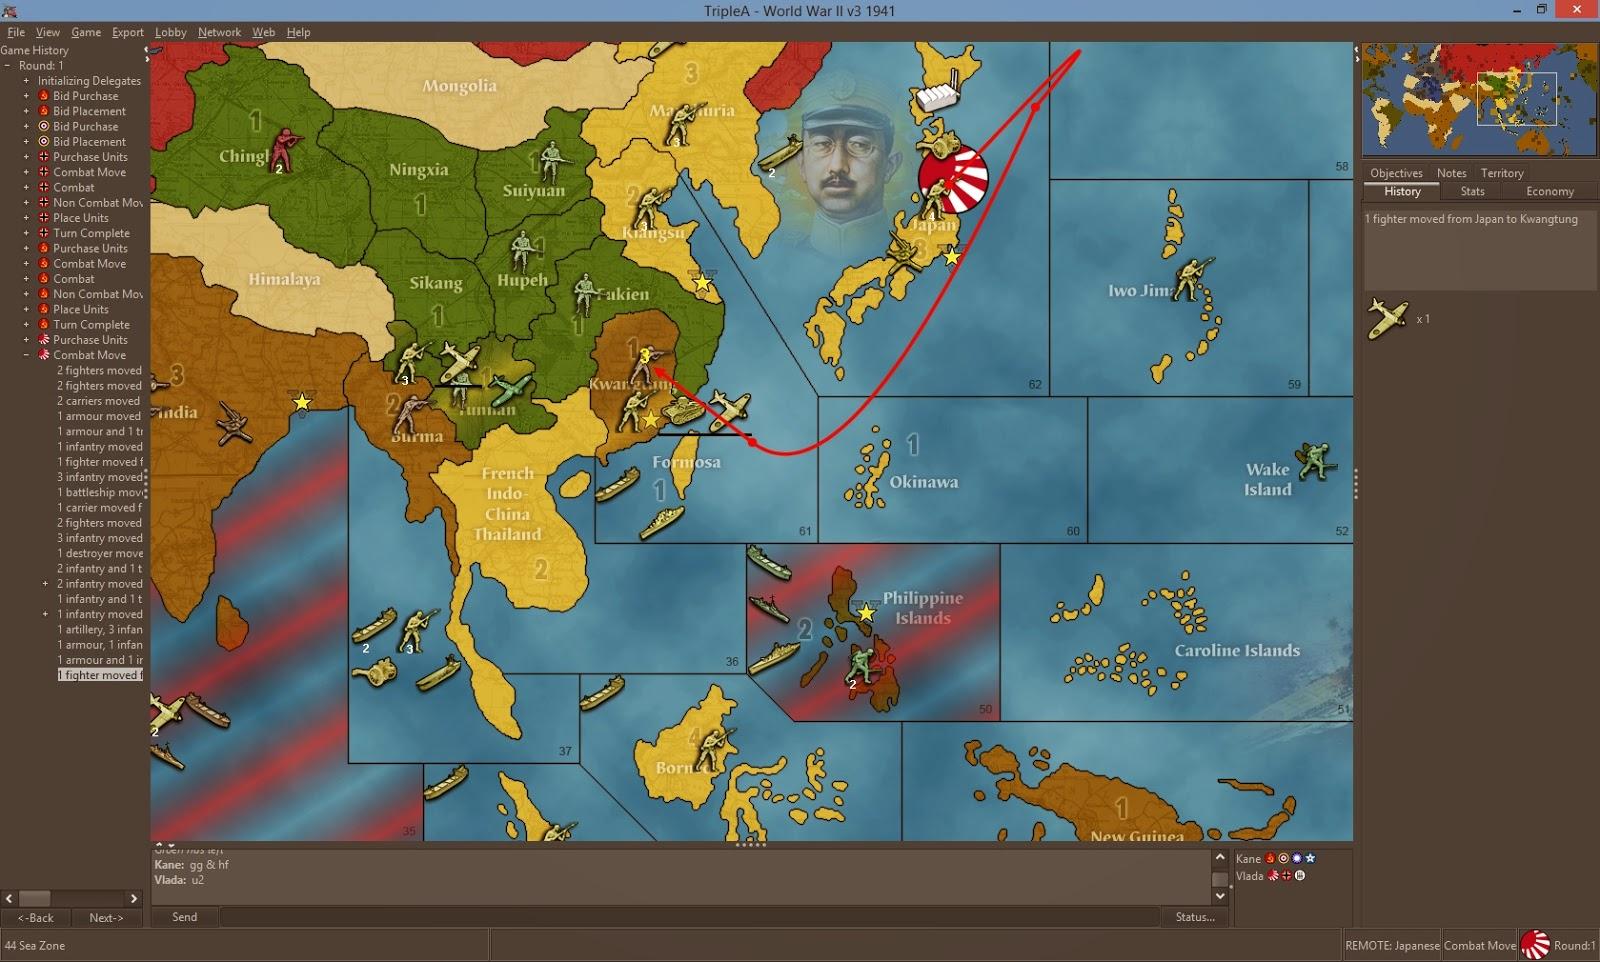 Krieg in Asien und im Pazifik